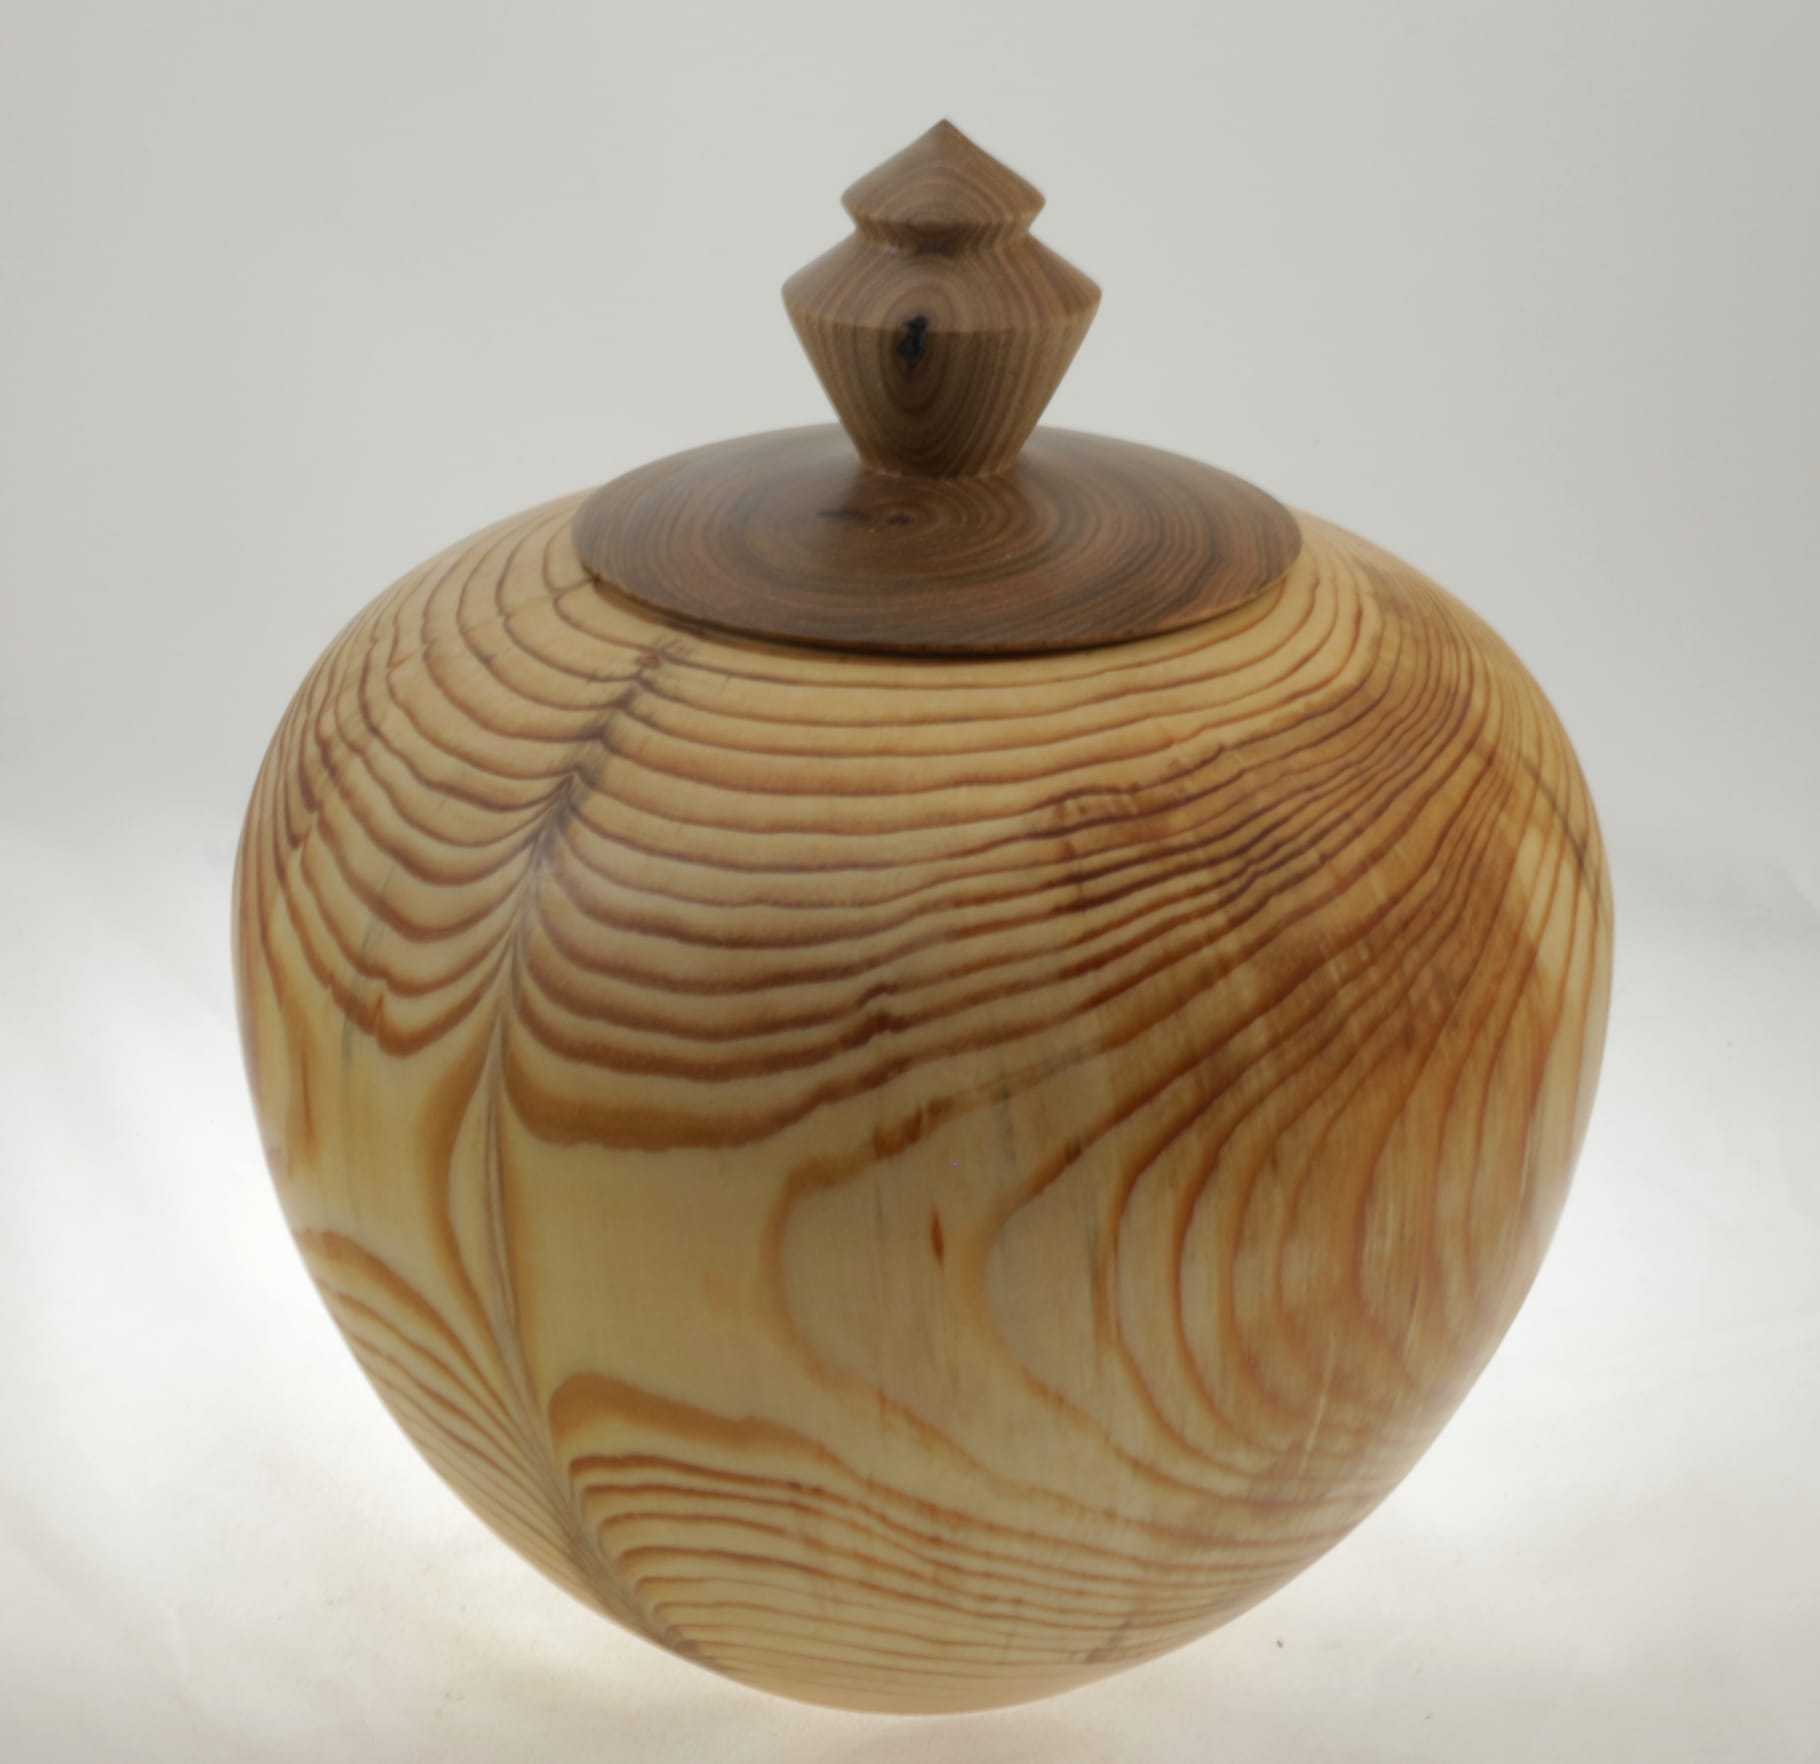 Urne funéraire en bois - #106a-Pin 9 x 7.25 po.-250po3